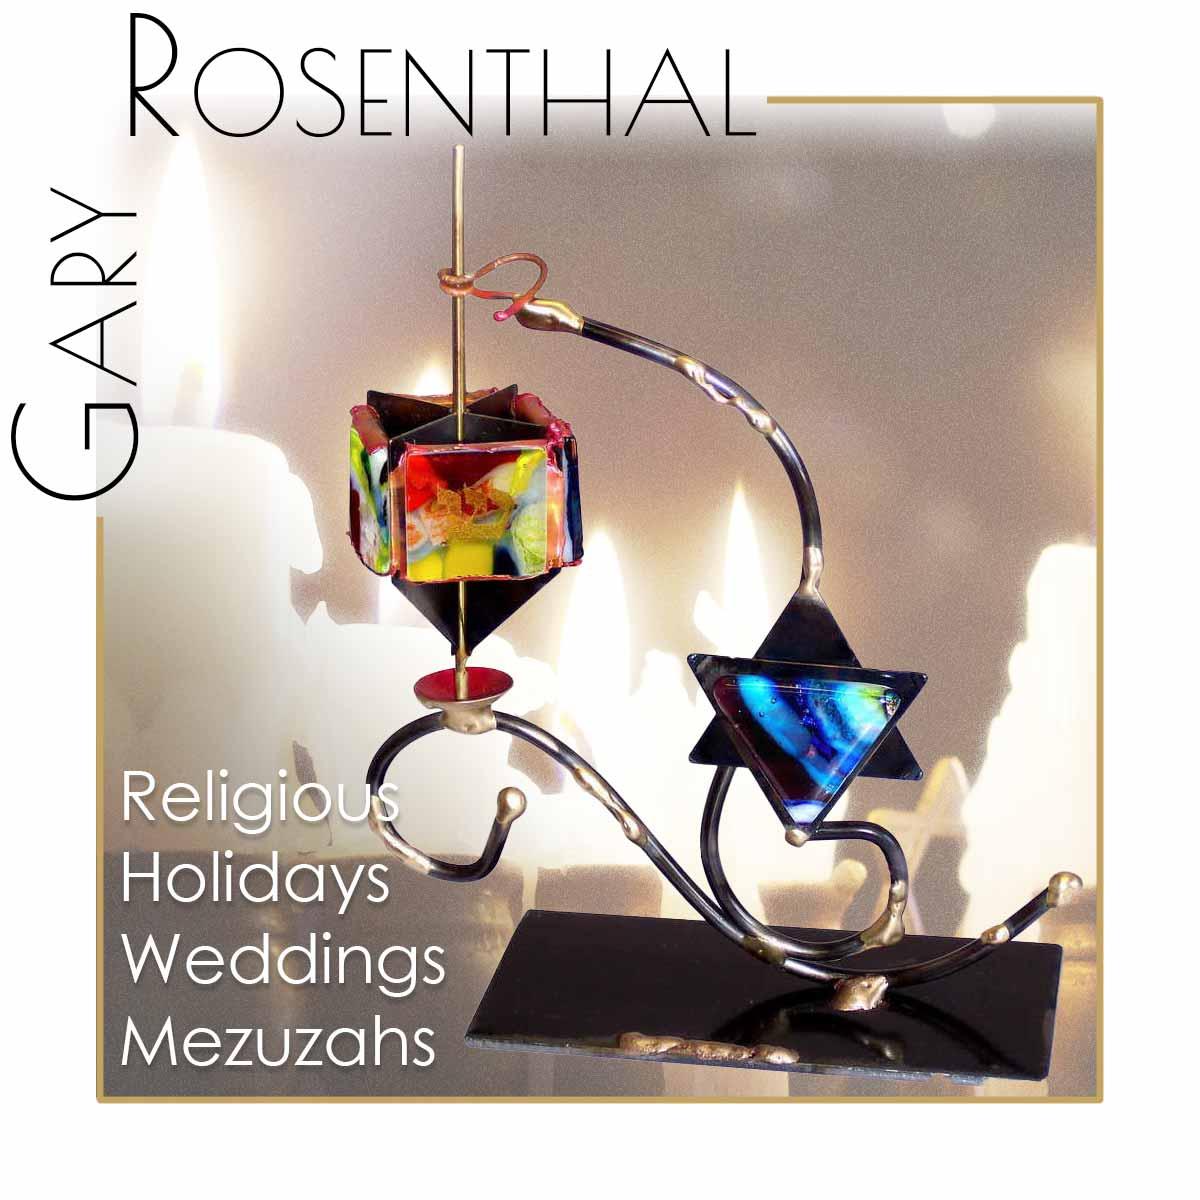 Gary Rosenthal Sculptural Jewish Art